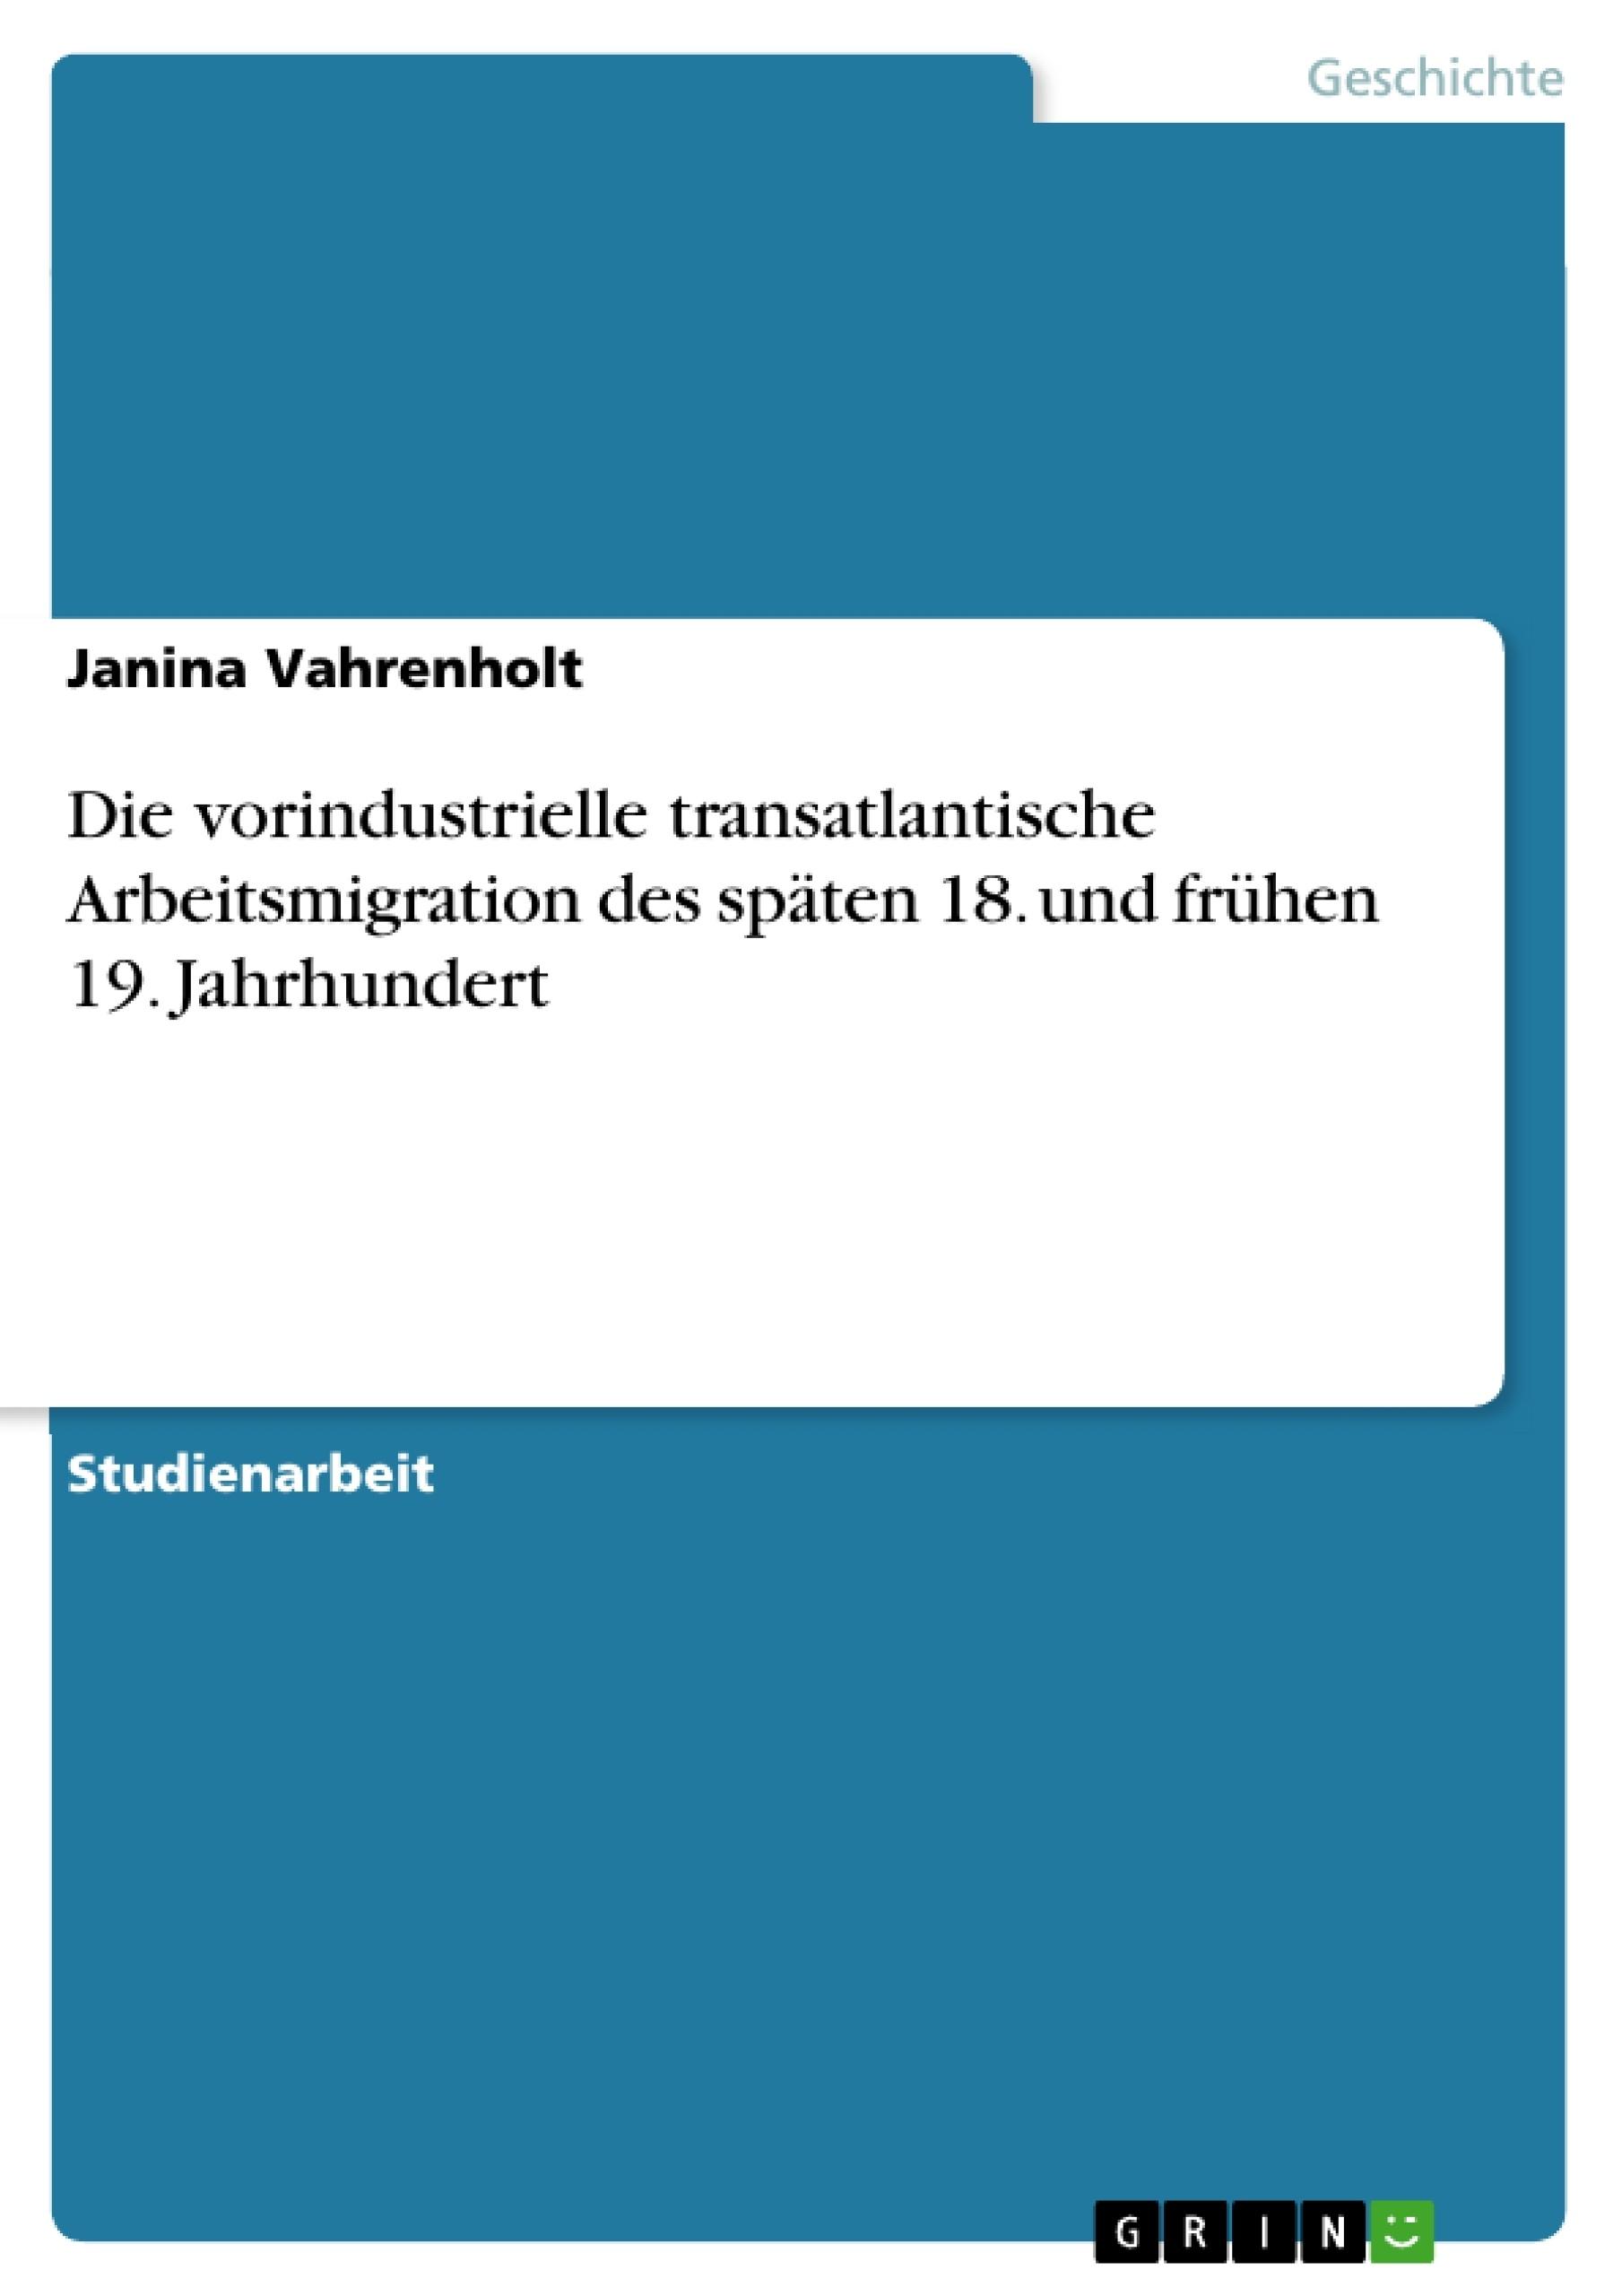 Titel: Die vorindustrielle transatlantische Arbeitsmigration des späten 18. und frühen 19. Jahrhundert